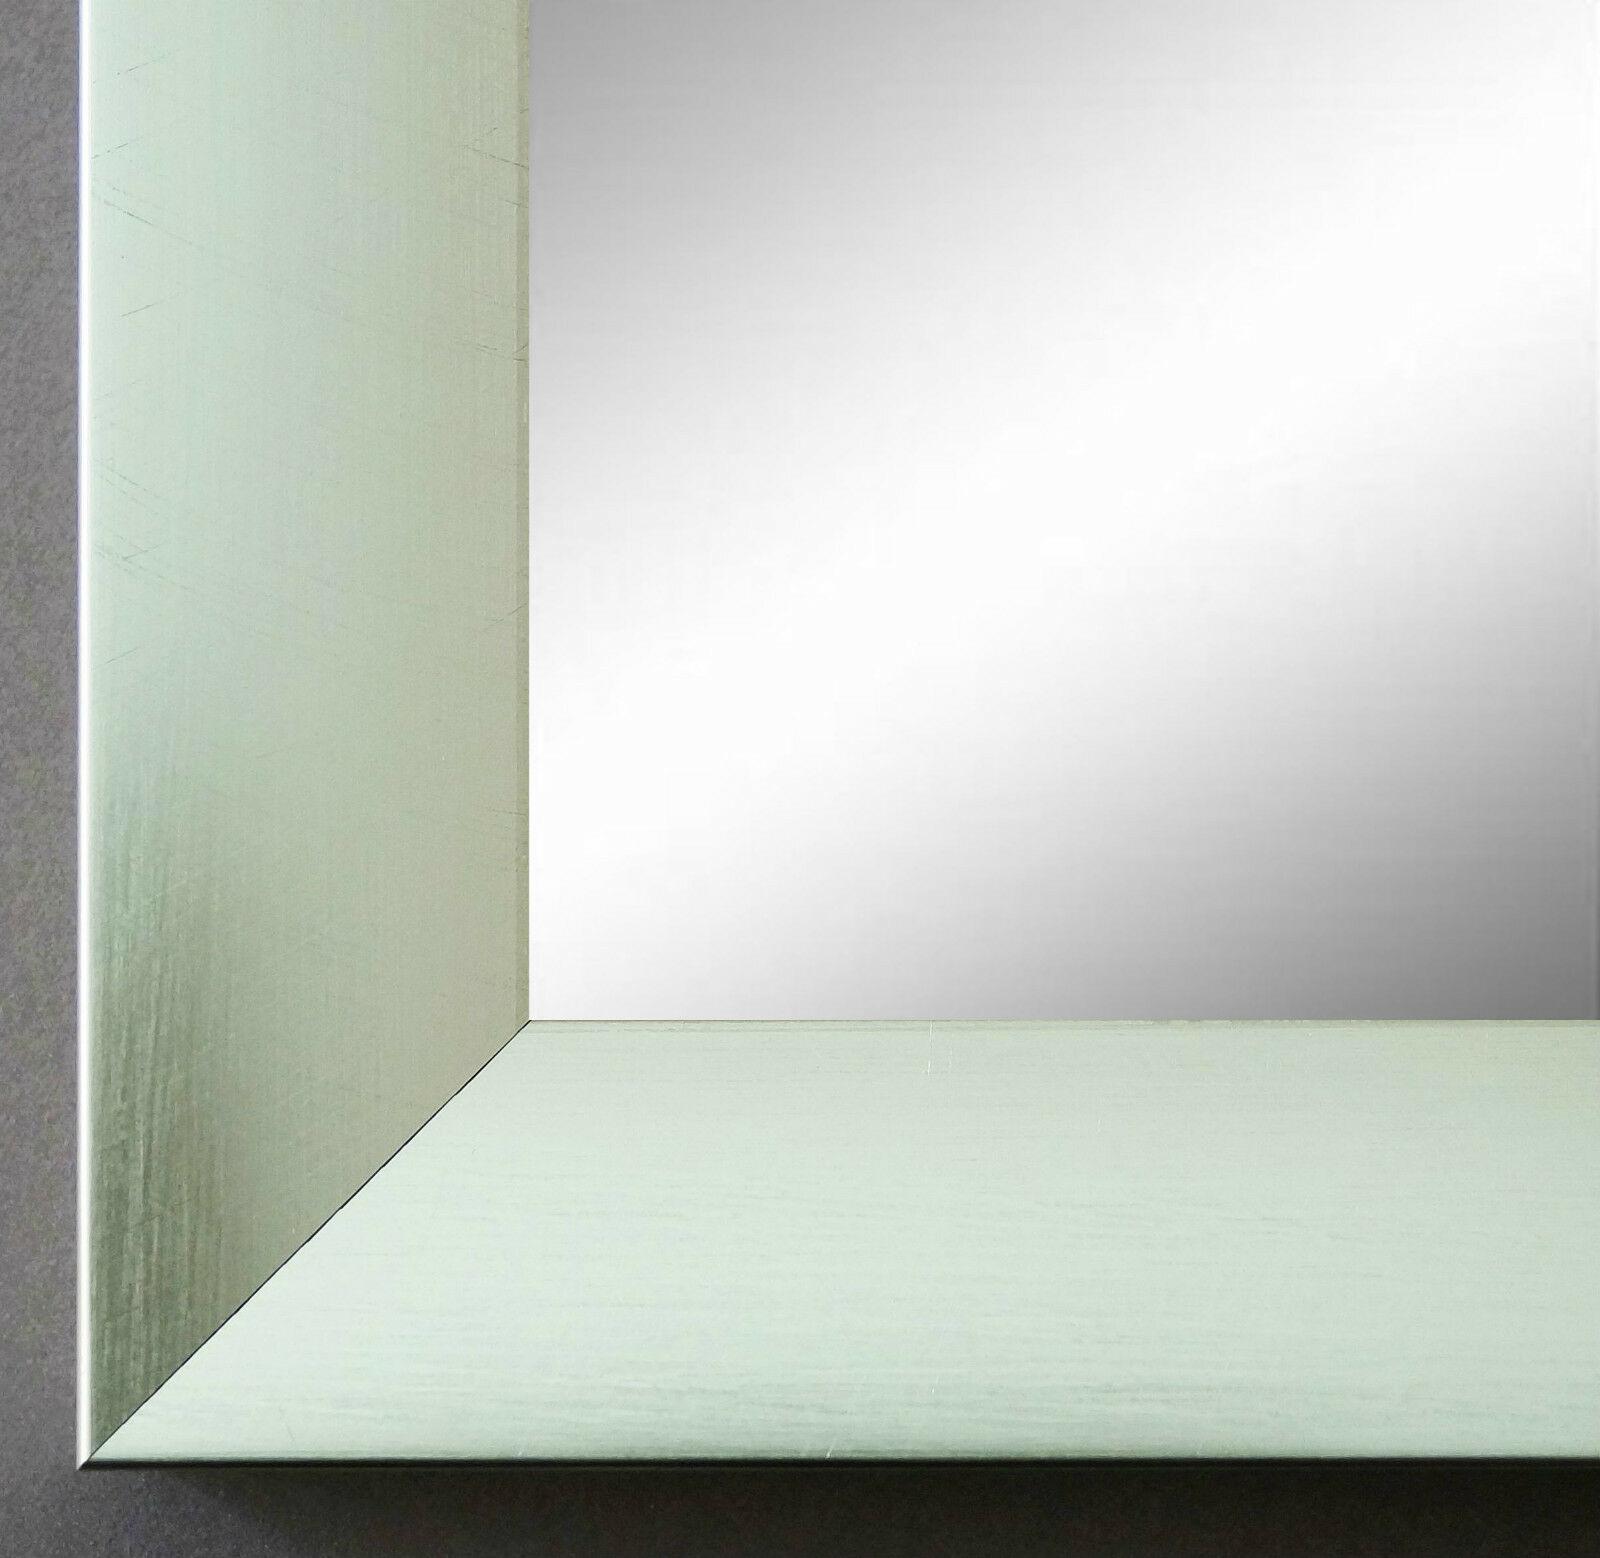 Spiegel Wandspiegel Bad Flur Modern Landhaus Bergamo Champagne